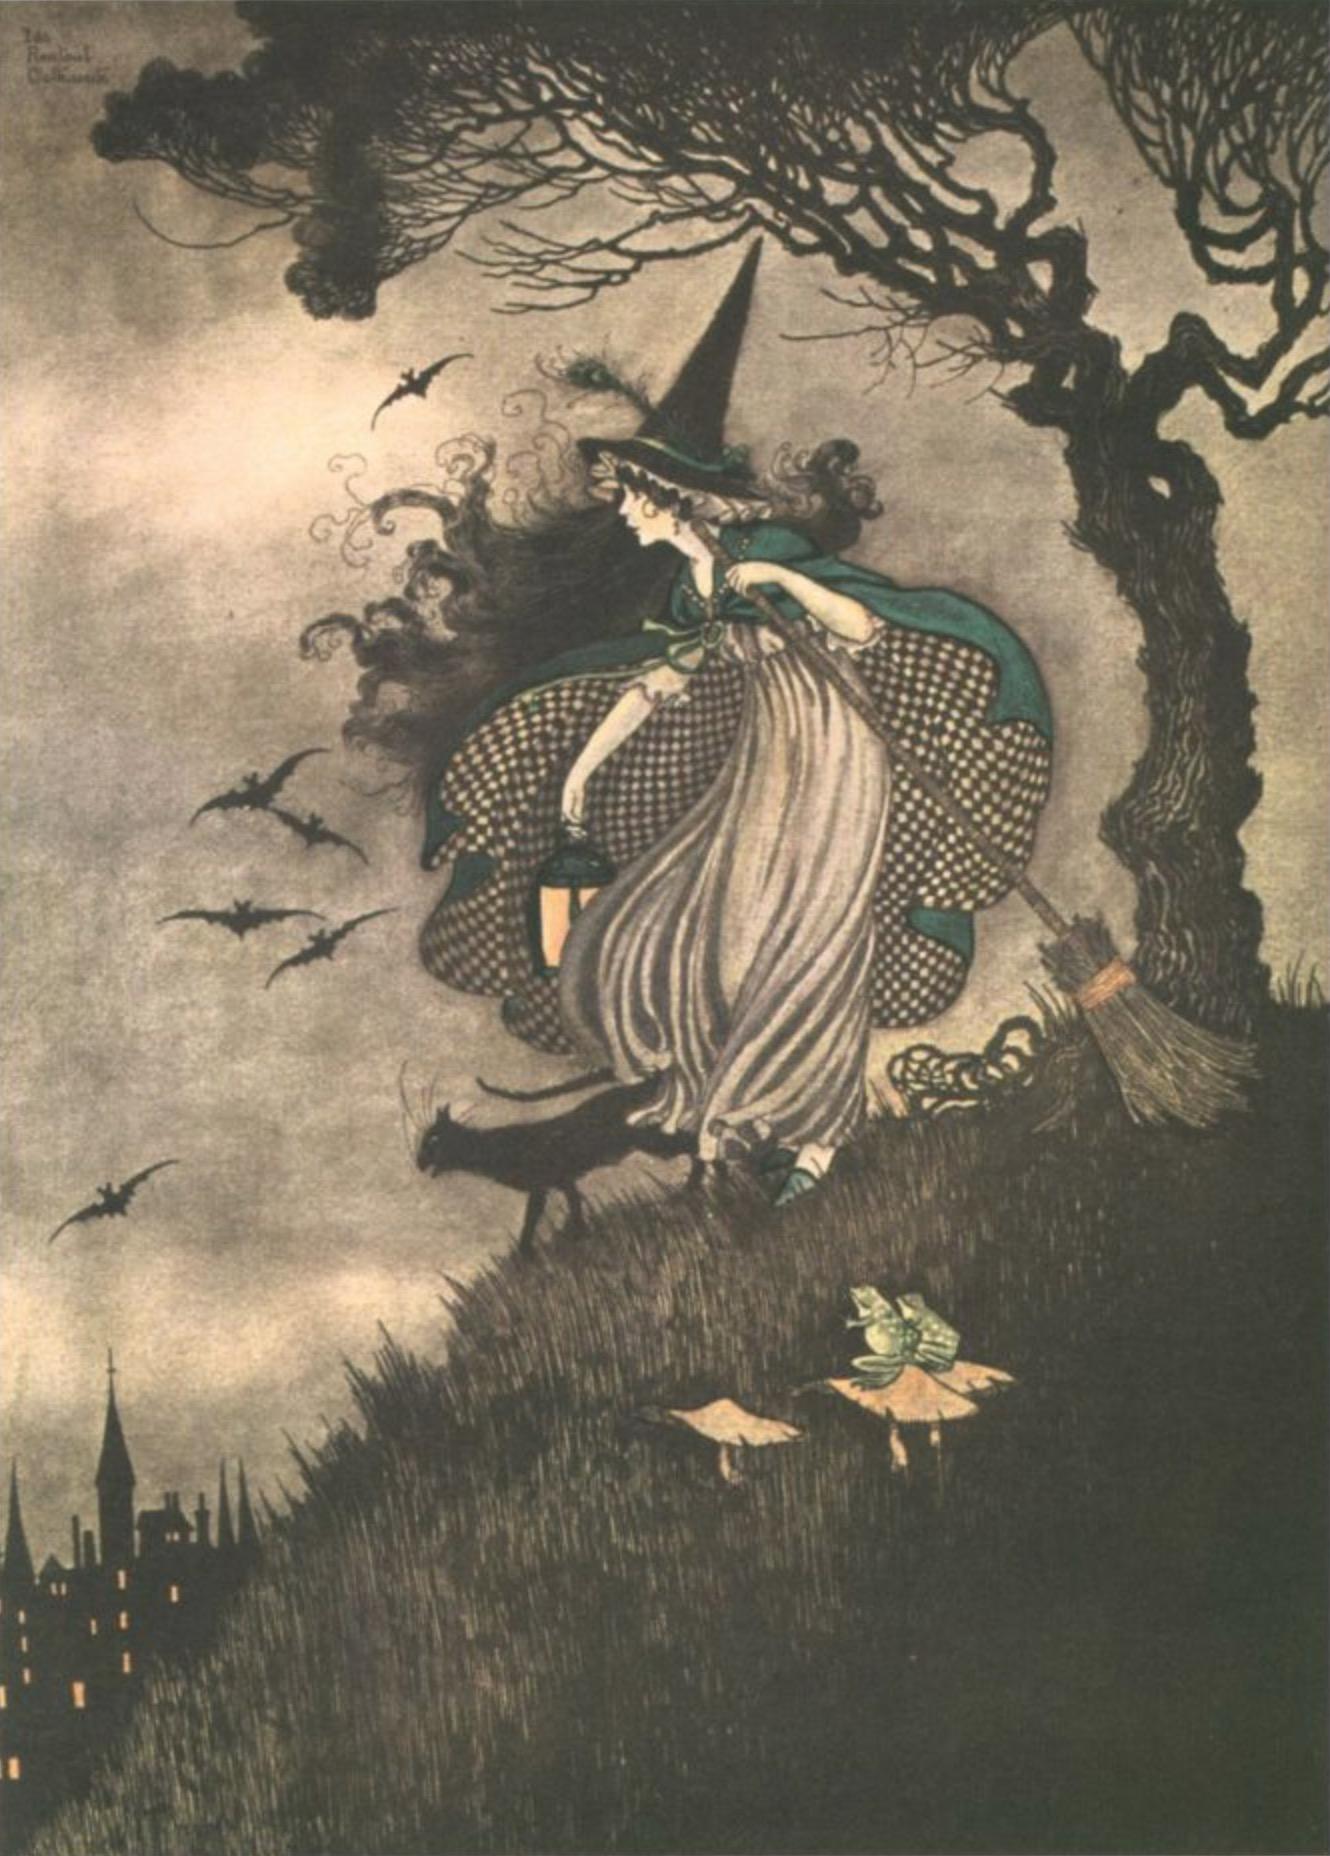 ida rentoul outhwaite elves fairies witch